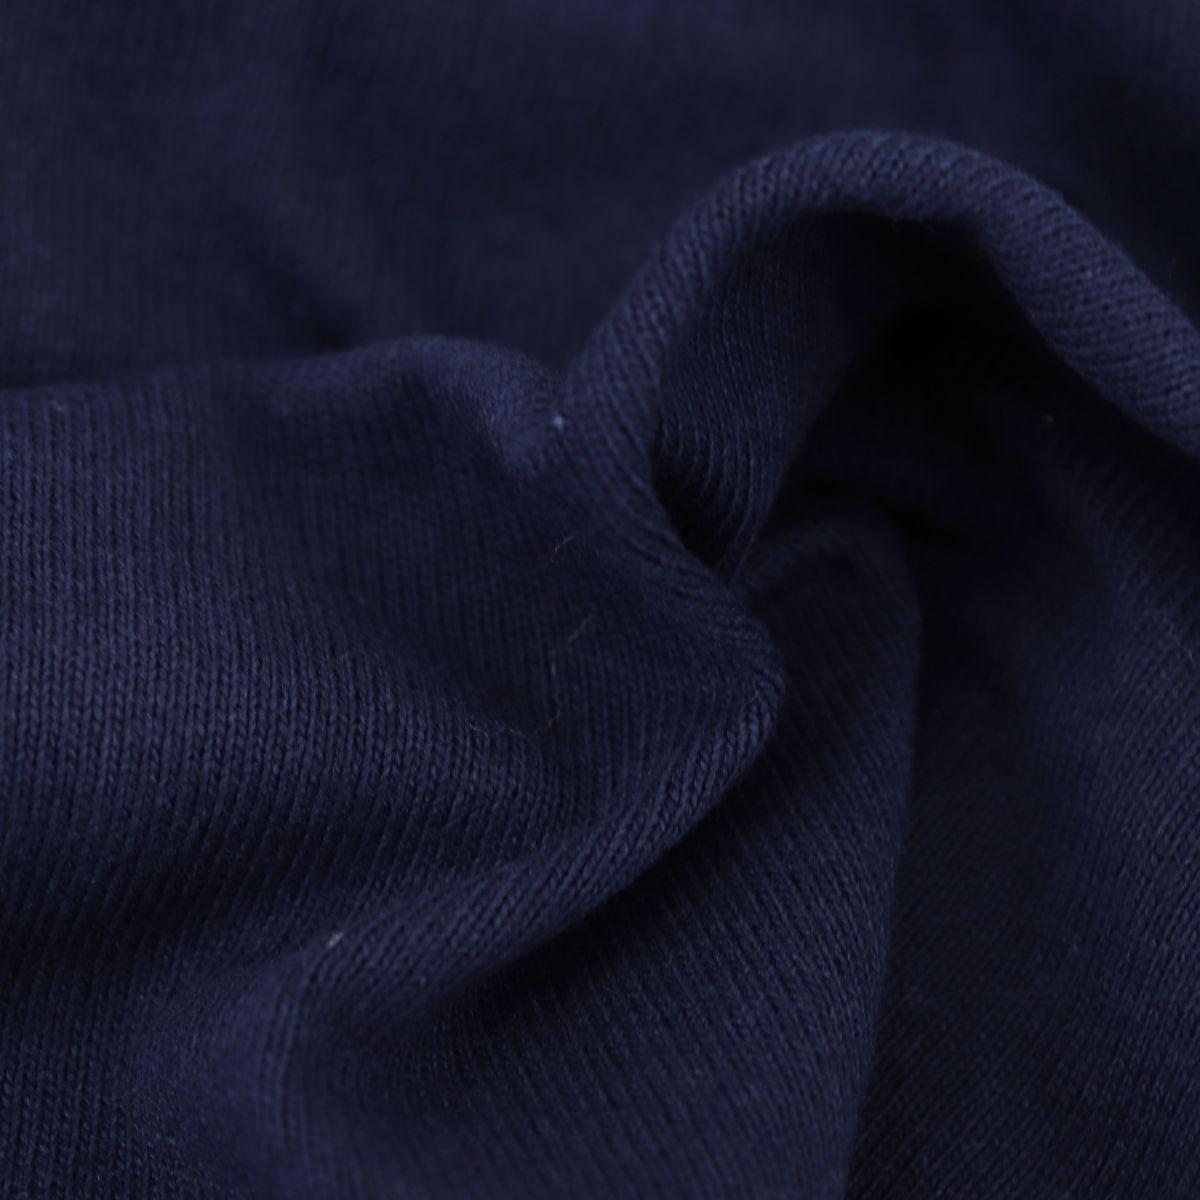 スウィープ ロサンゼルス Sweep!! LosAngeles メンズ USAコットン ヘンリーネック 半袖 Tシャツ USA COTTON-T / SL160006 SWP NAVY(ネイビー) 春夏新作